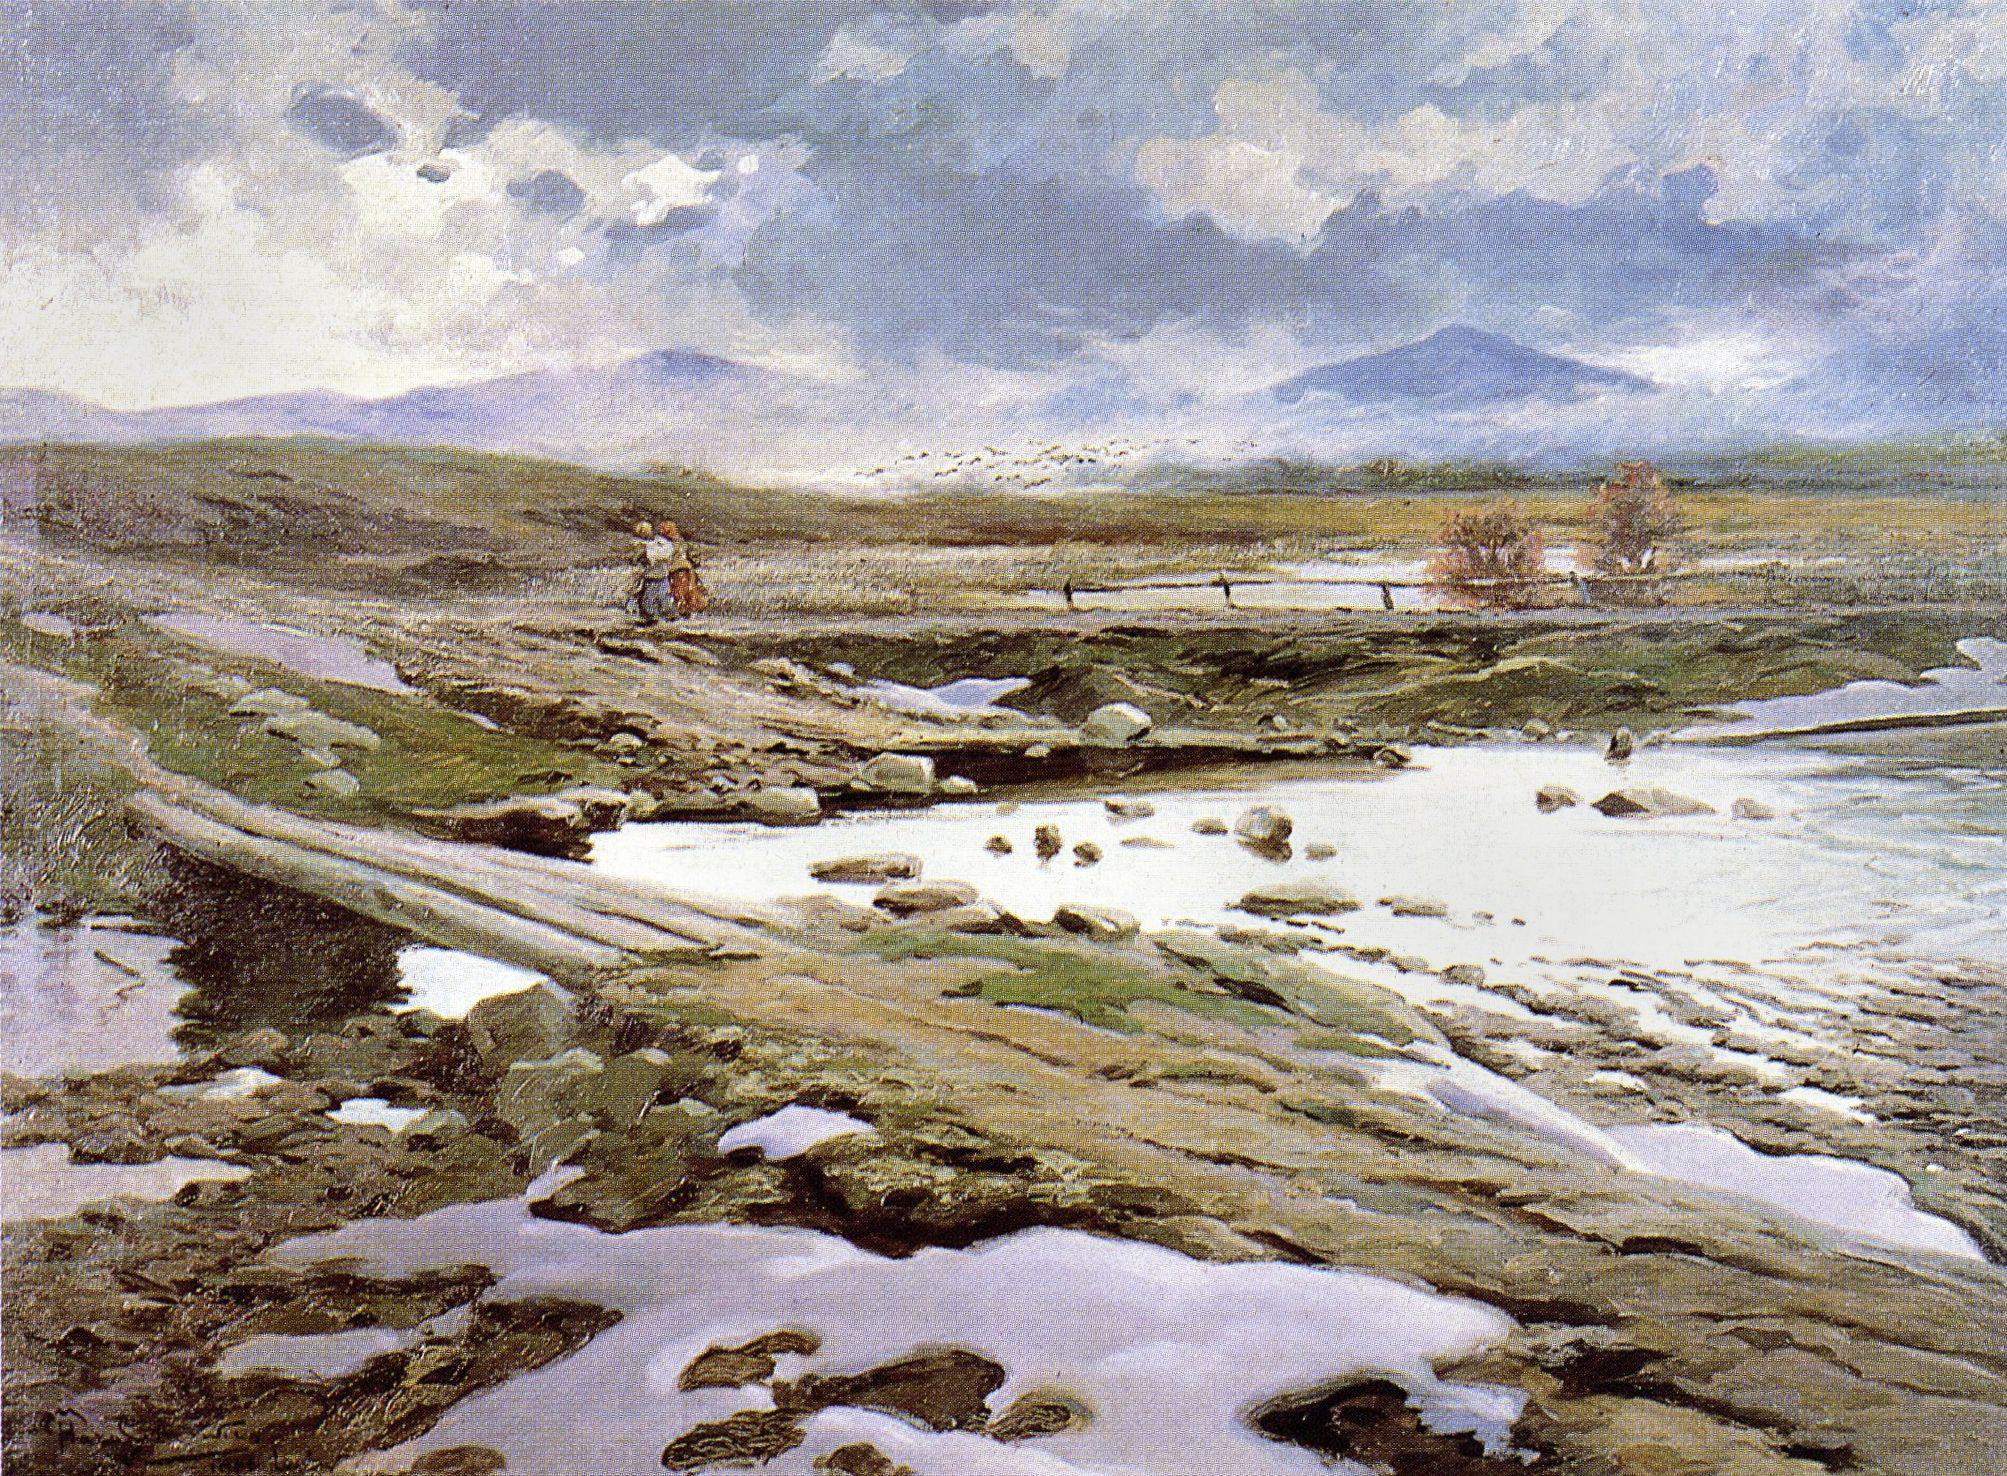 Марцелій Гарасимович. Відлига, 1906; олія на плотні, 67х90 см; ЛНГМ